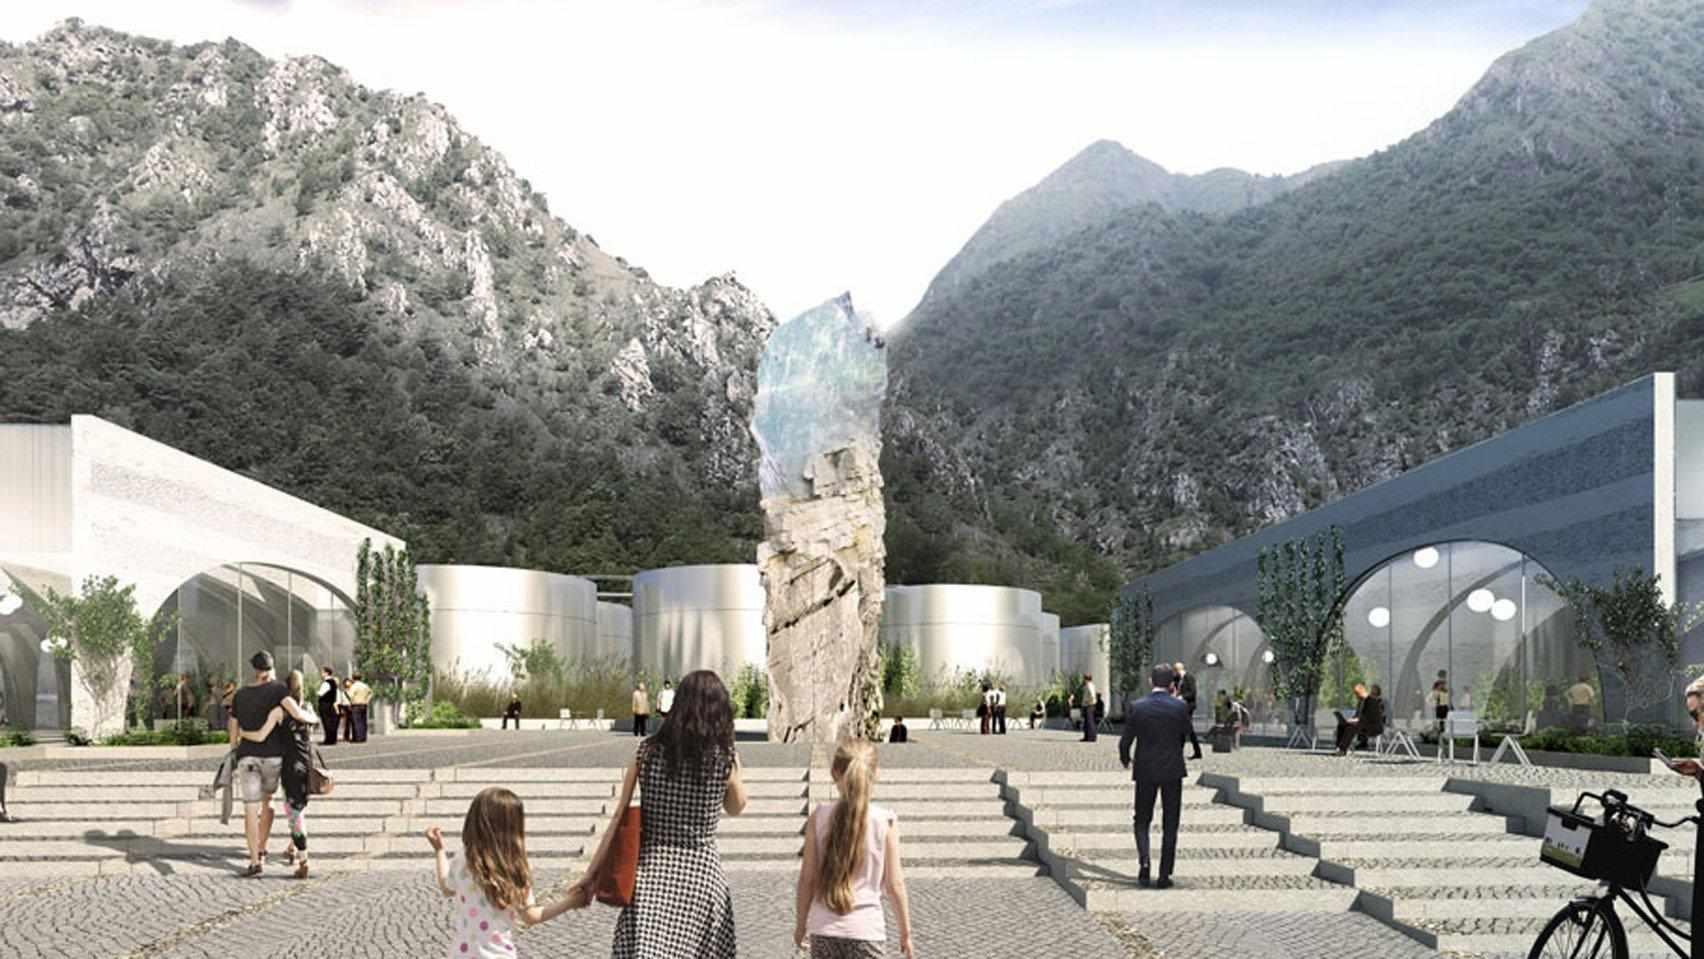 Lo studio di architettura BIG realizzerà il nuovo HQ di San Pellegrino